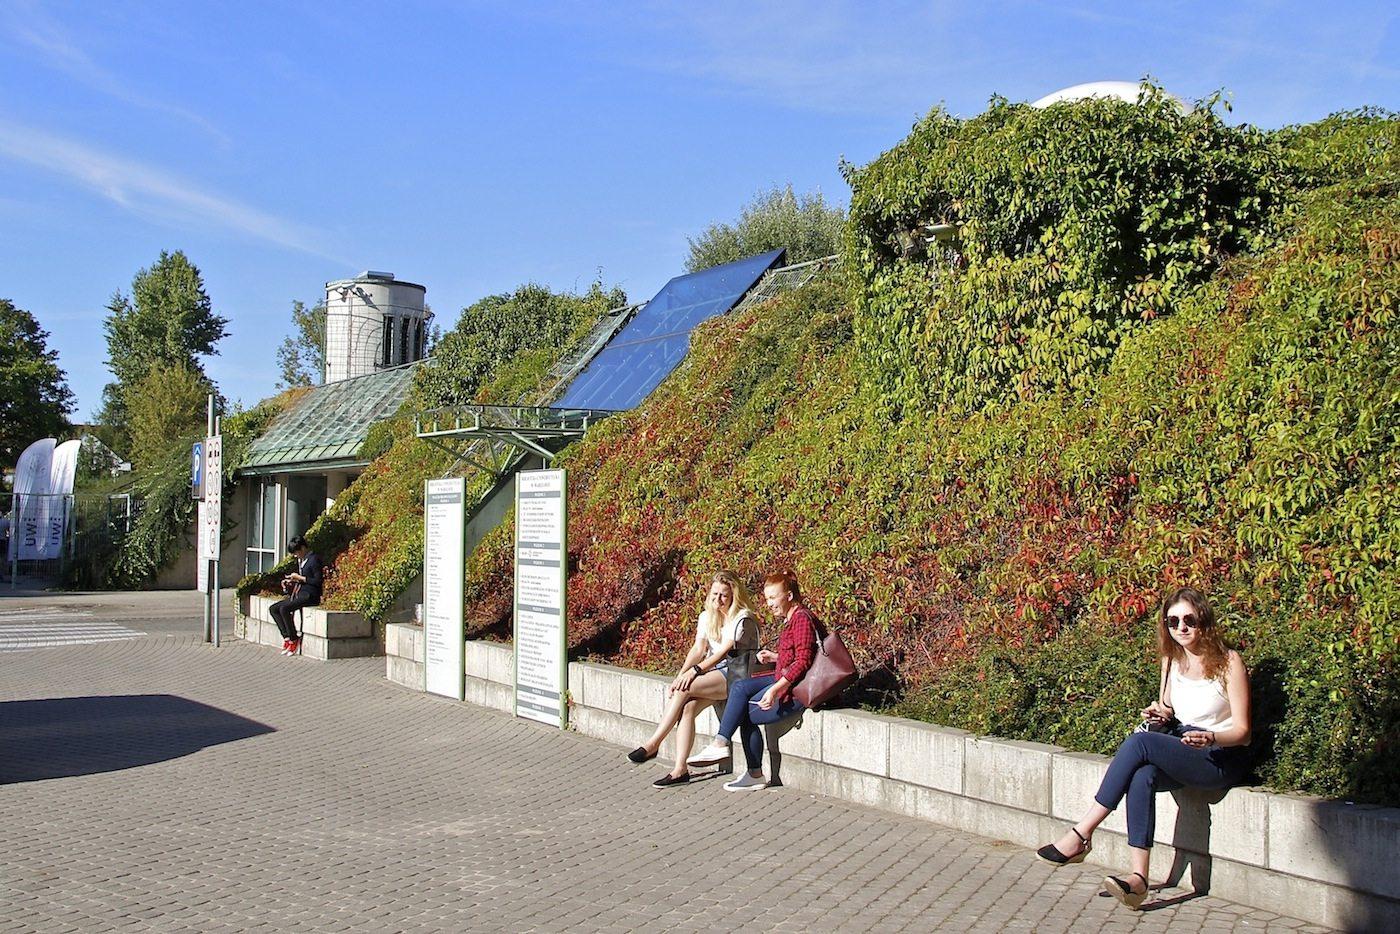 Grüne Wände.  Pflanzen ziehen sich die meisten Außenwände der Universitätsbibliothek hoch.